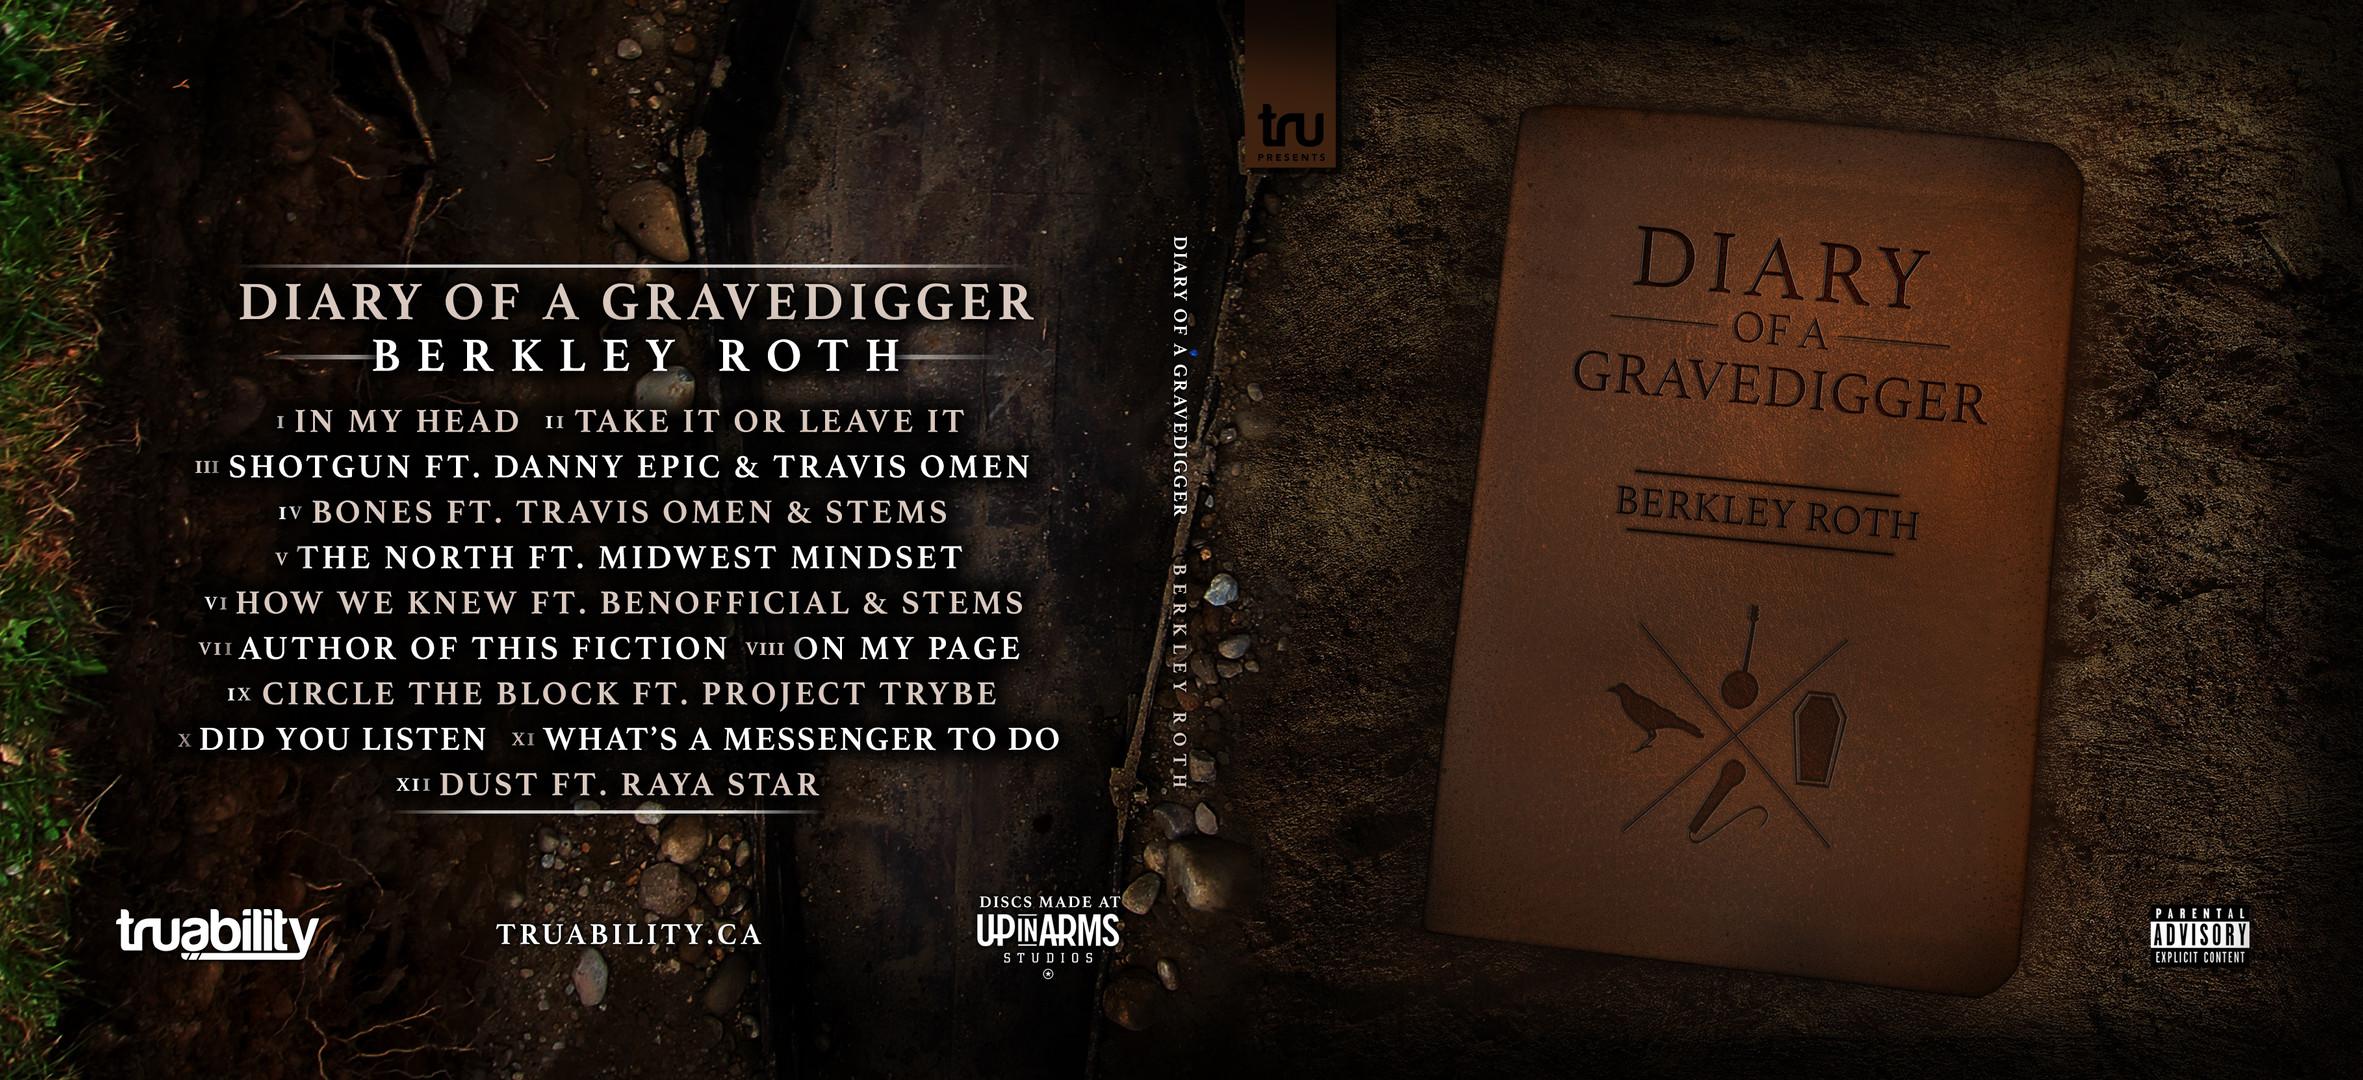 BerkleyRoth-DOAGD-Artwork.jpg